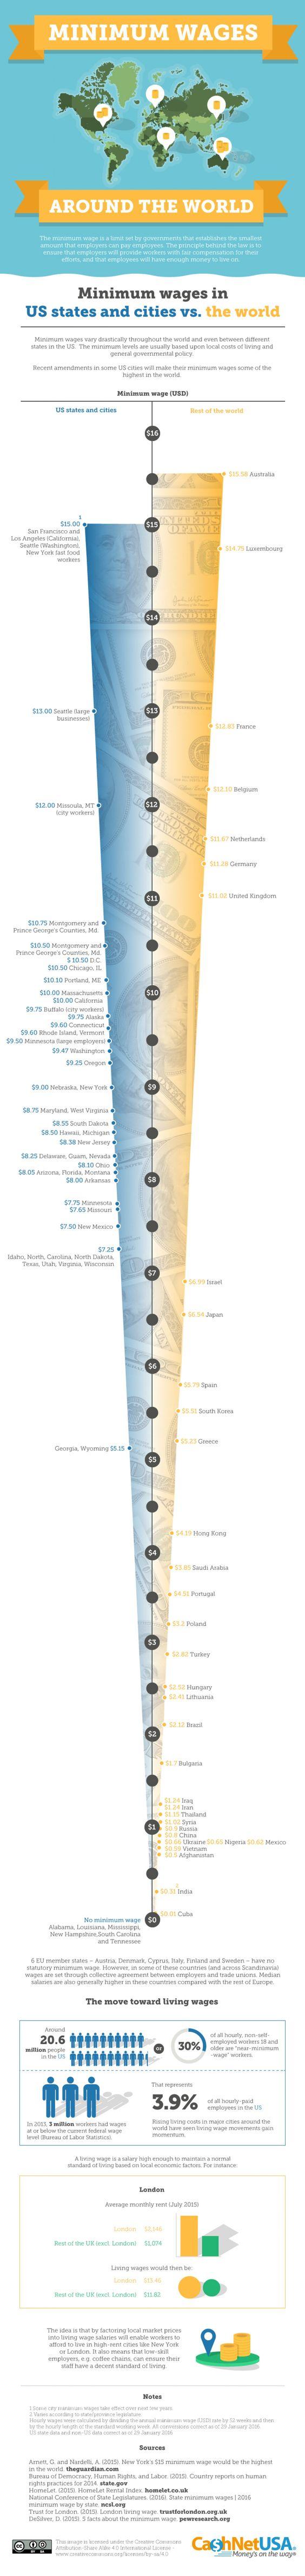 Minimum Wages Around The World Infographic